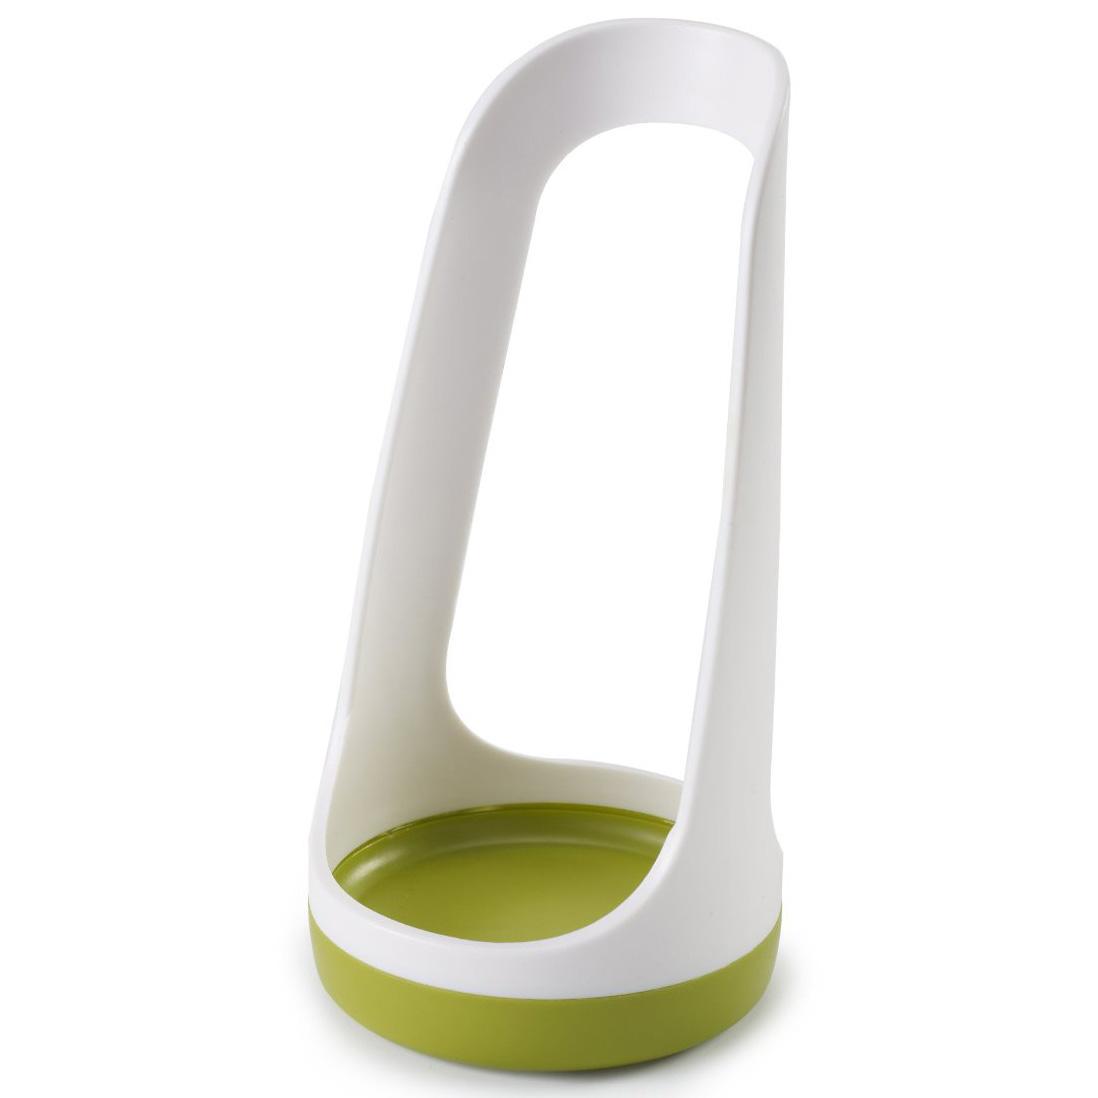 Онлайн каталог PROMENU: Подставка для ложки пластиковая Joseph Joseph SPOON BASE, 15х8,5х8,5 см, белый Joseph Joseph 85057